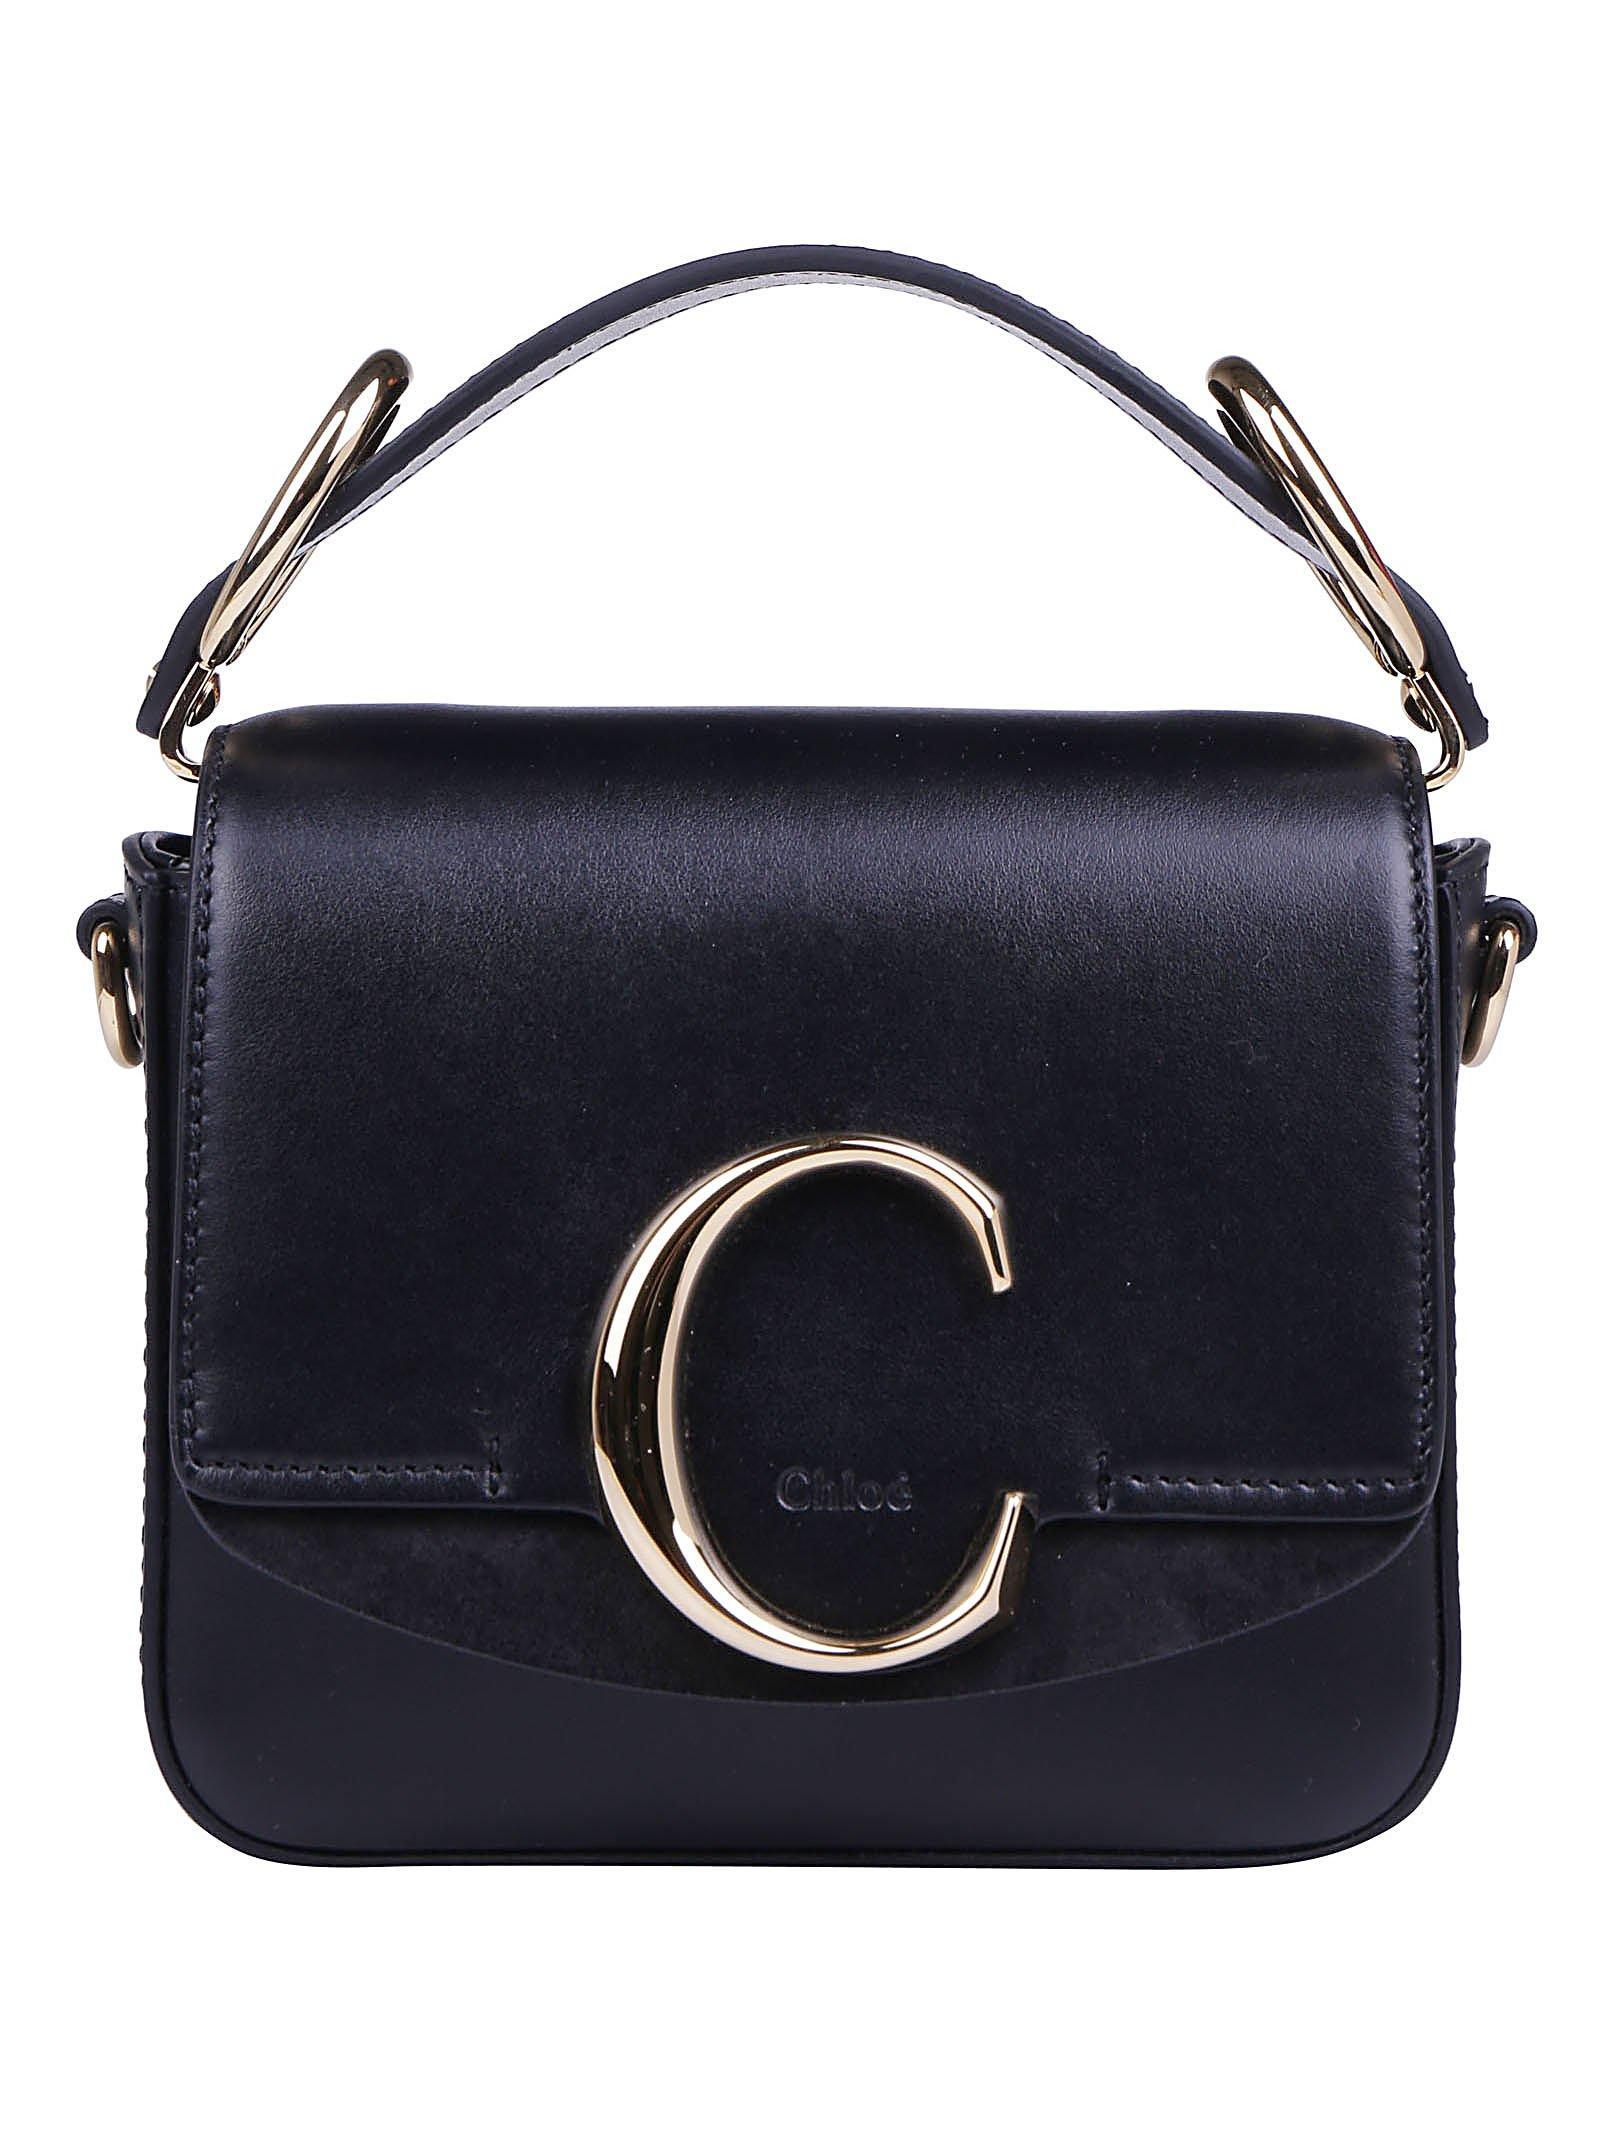 afe0d9cfc5b1 Lyst - Chloé Chloé C Ring Top Handle Crossbody Bag in Black